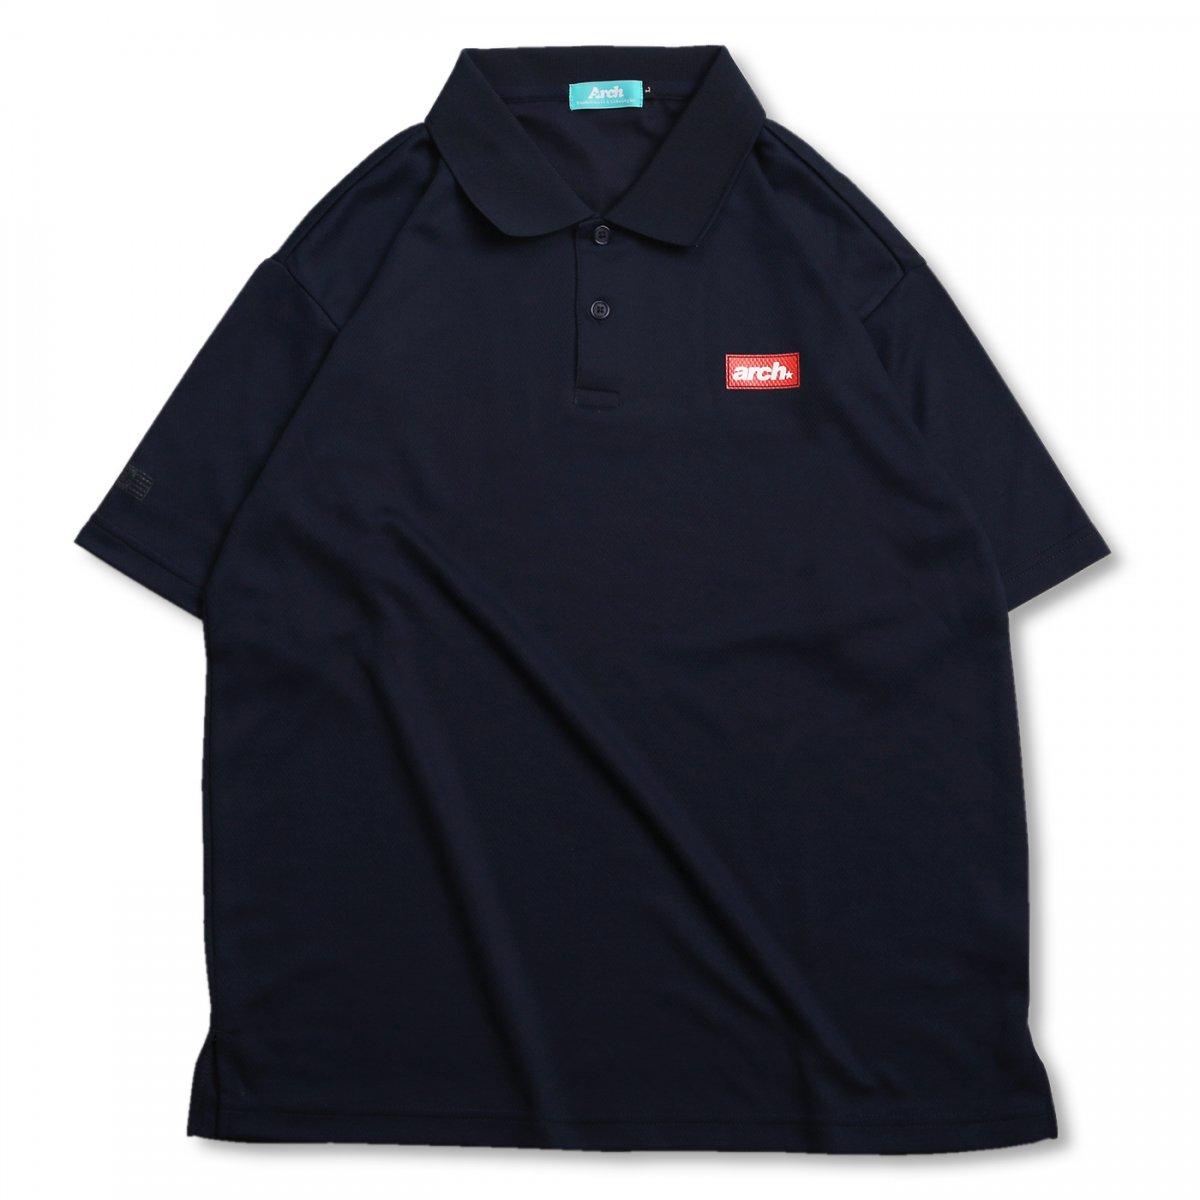 バスケ スクエアロゴ ポロシャツ ネイビー